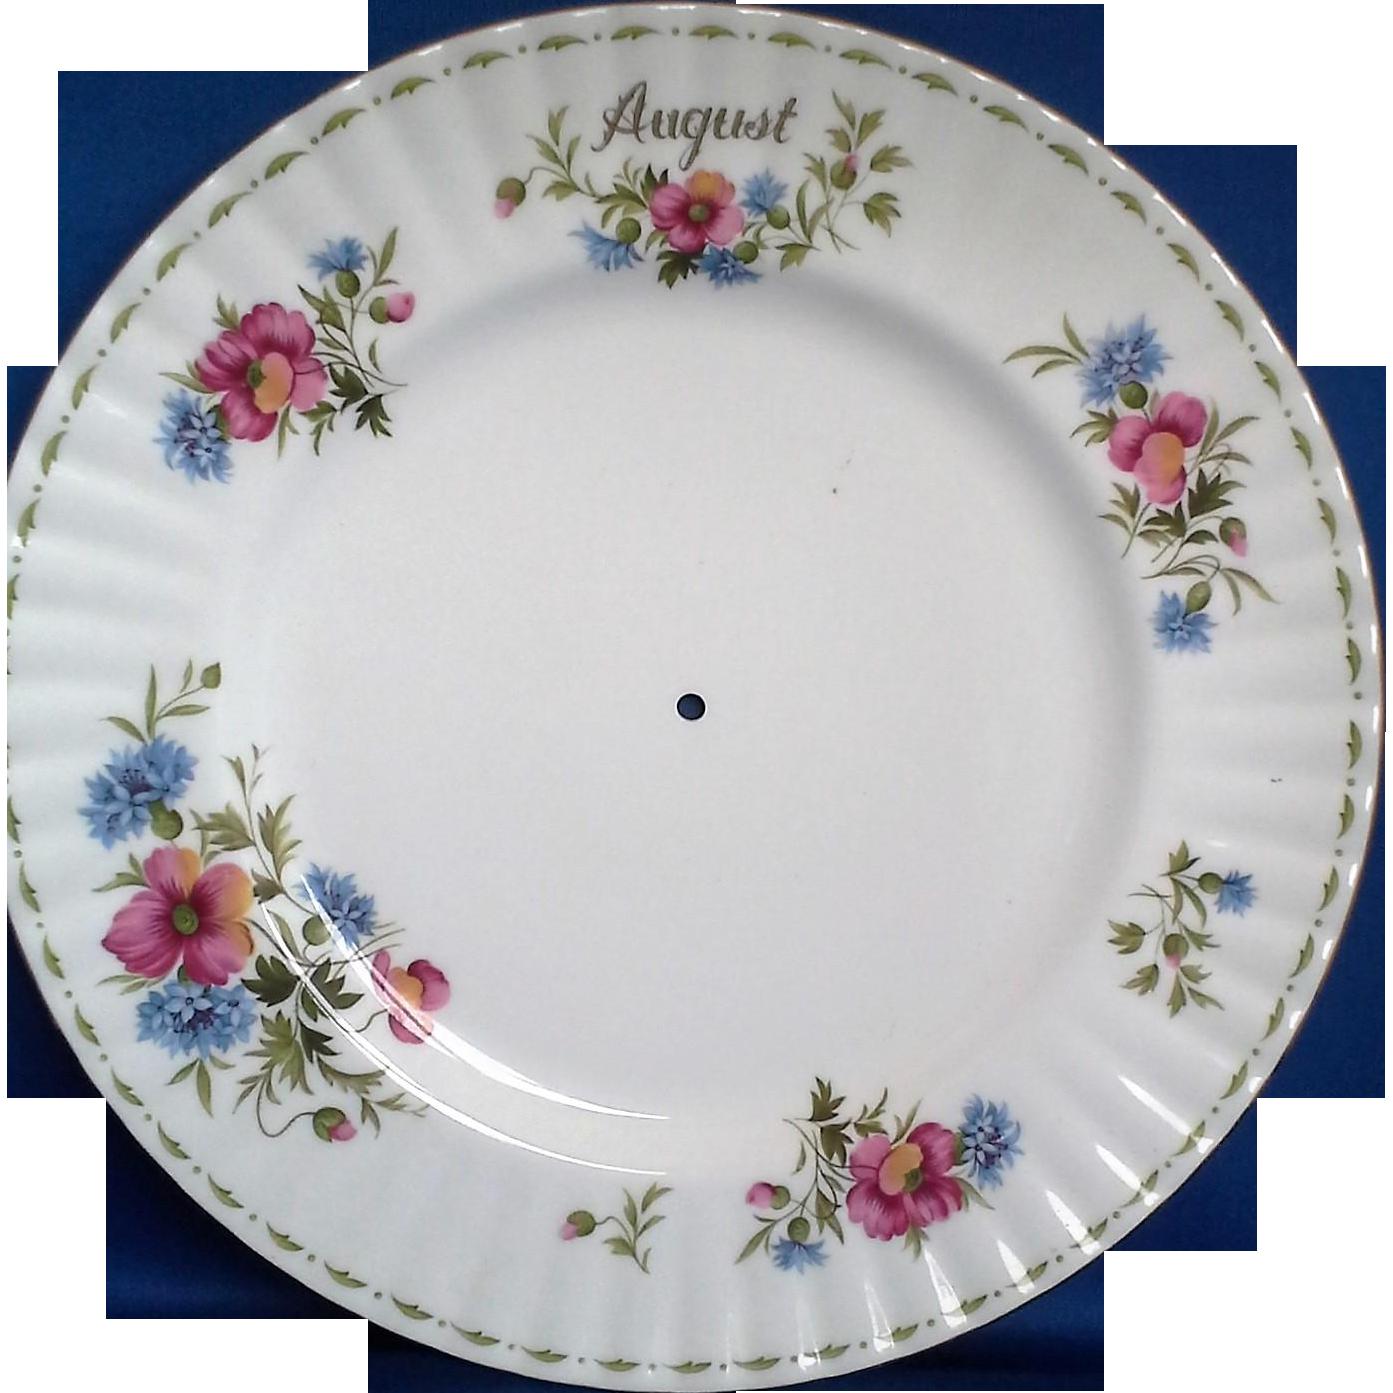 Royal Albert Poppy August Flower of the Month Tidbit Tray Dinner Plate Only